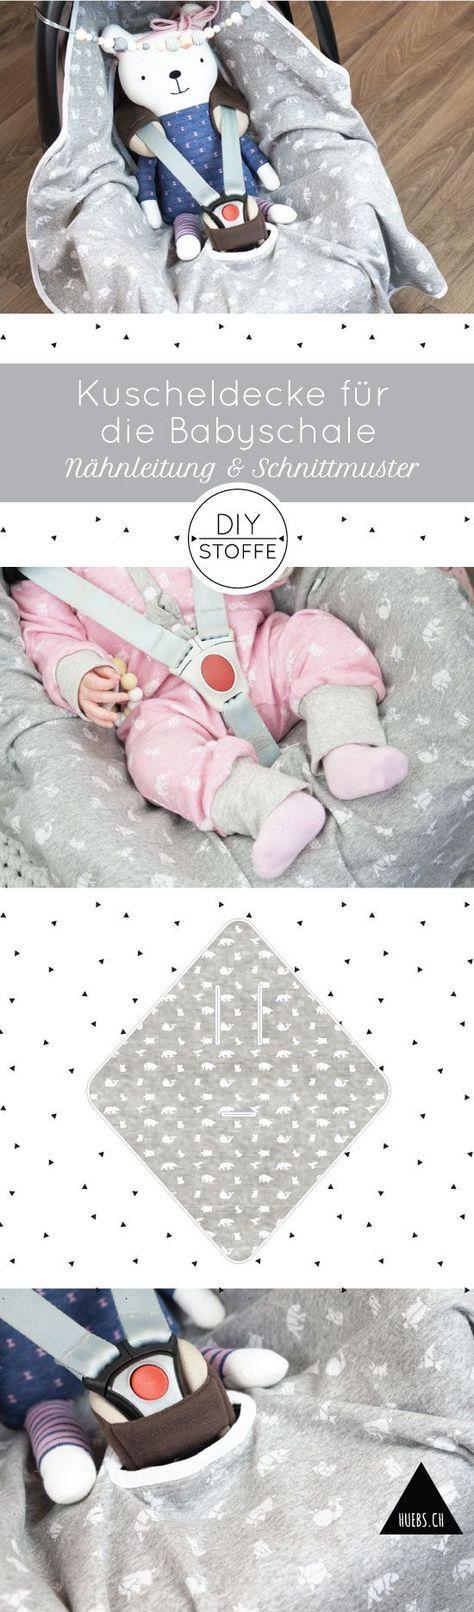 Kuscheldecke für die Babyschale - Anleitung & Schnittmuster ...